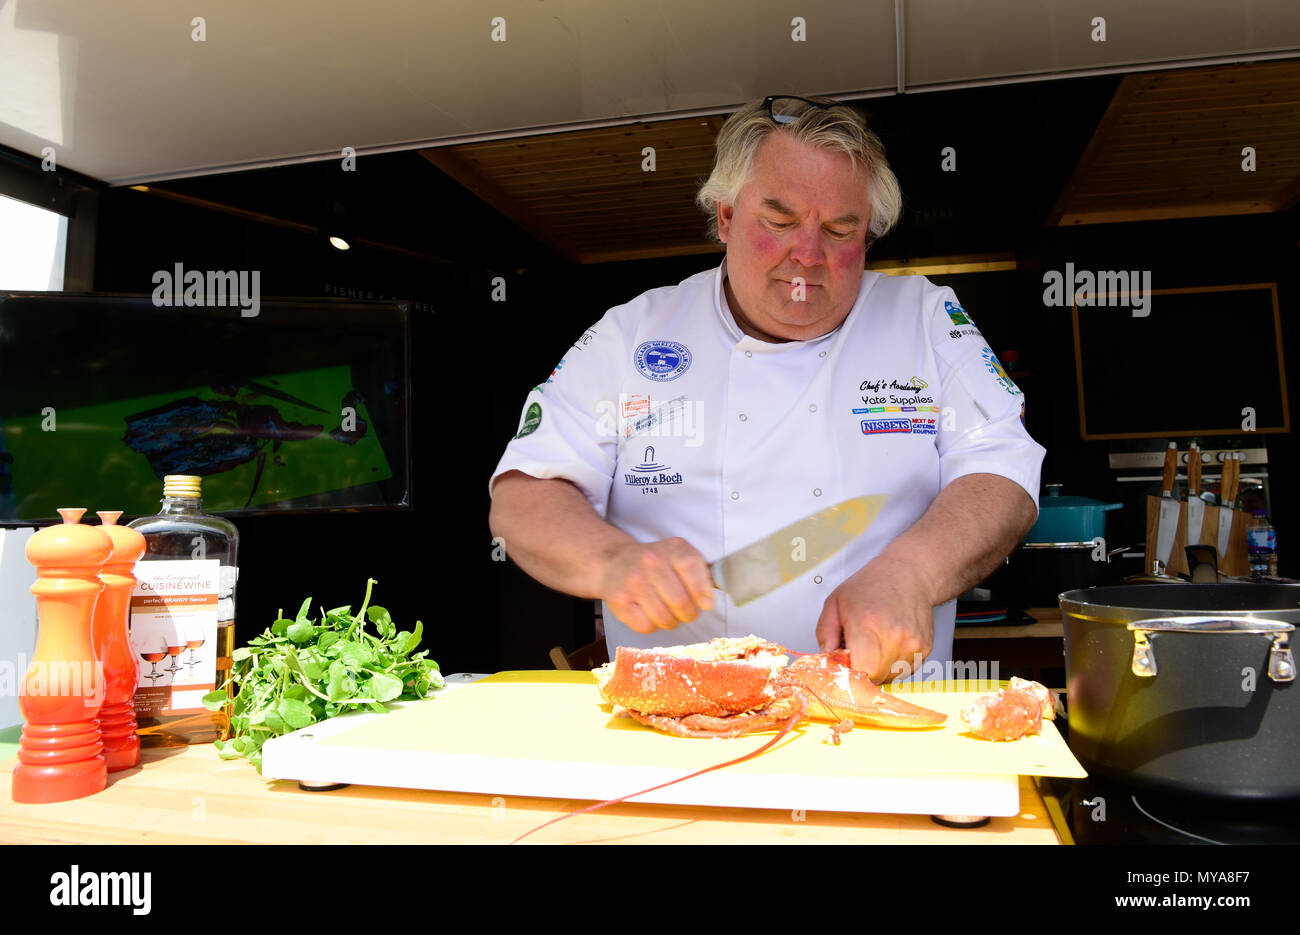 Andy Mackenzie, Chef Ejecutivo De La Academia De Chefs Exclusivos, Dando  Una Demostración De Cocina Durante El Festival Anual De Berro, Alresford,  ...